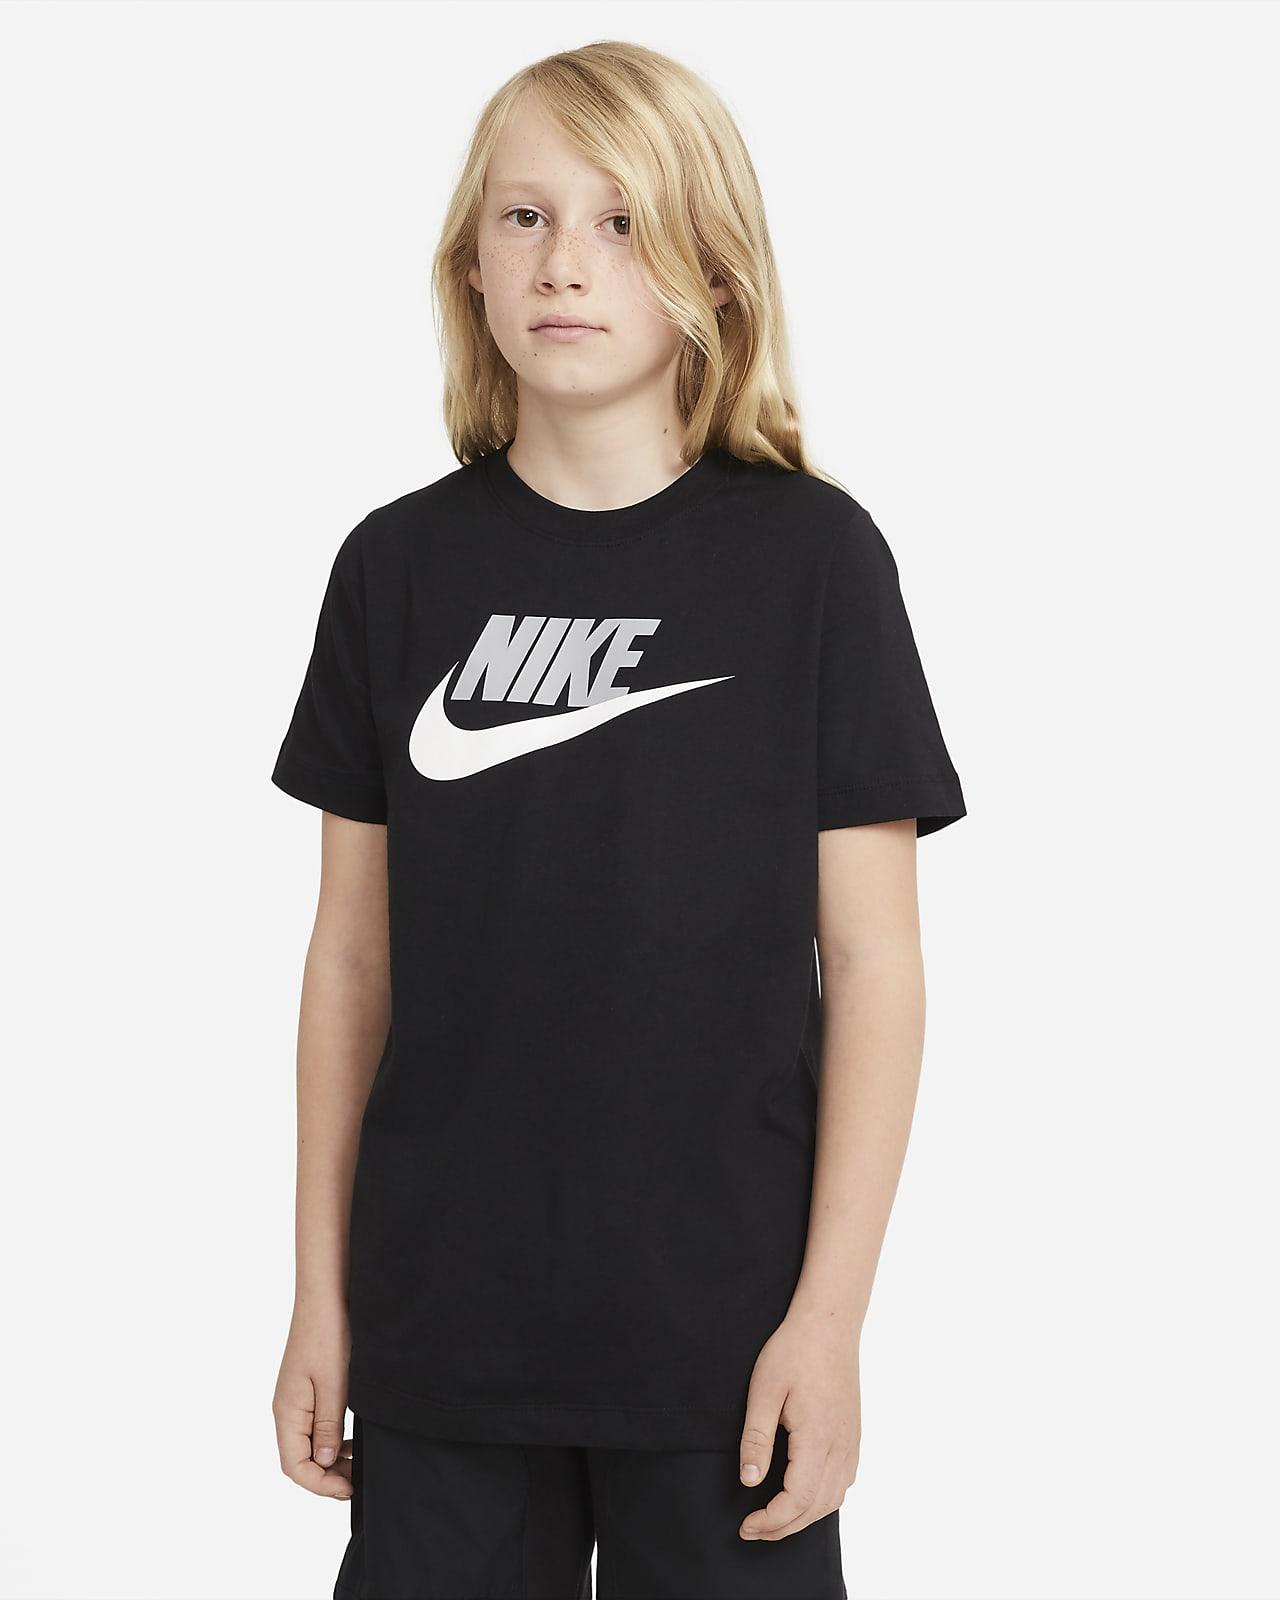 T-shirt de algodão Nike Sportswear Júnior